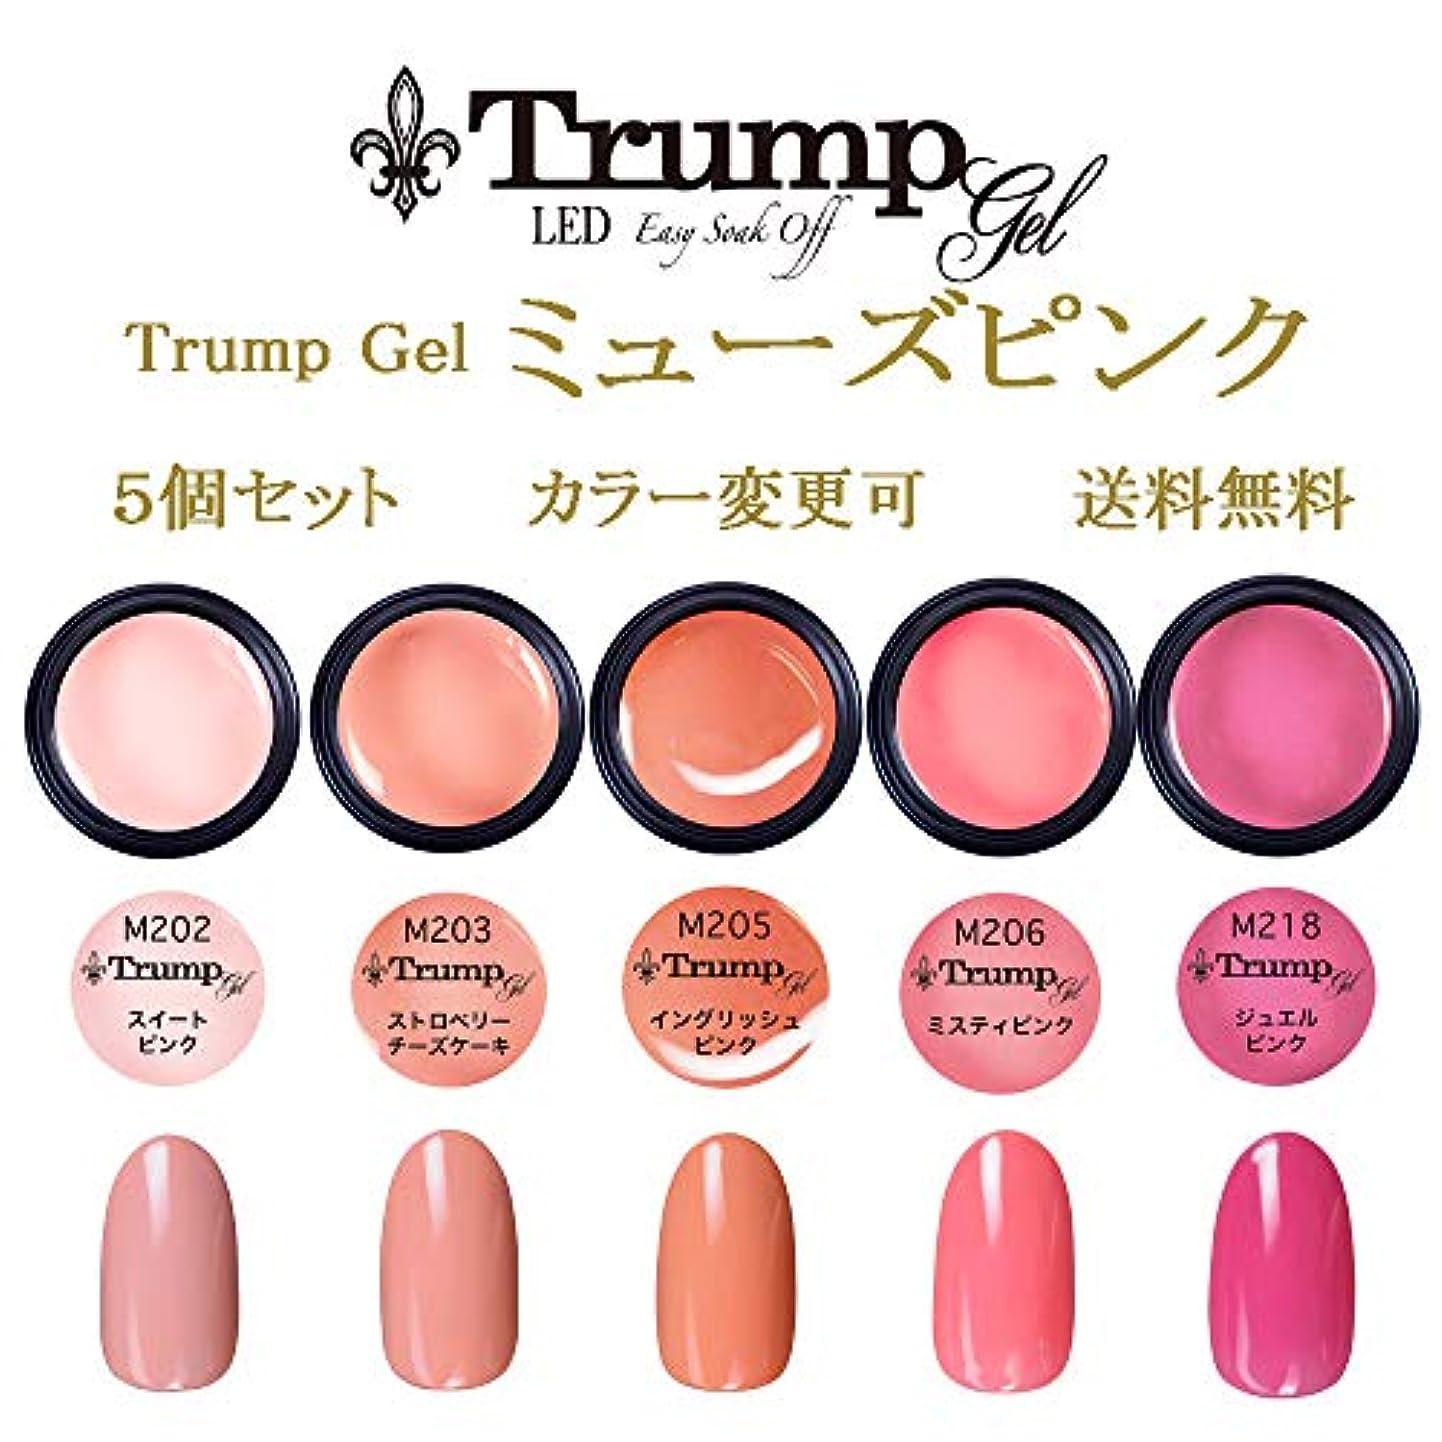 【送料無料】Trumpミューズピンクカラー選べるカラージェル5個セット